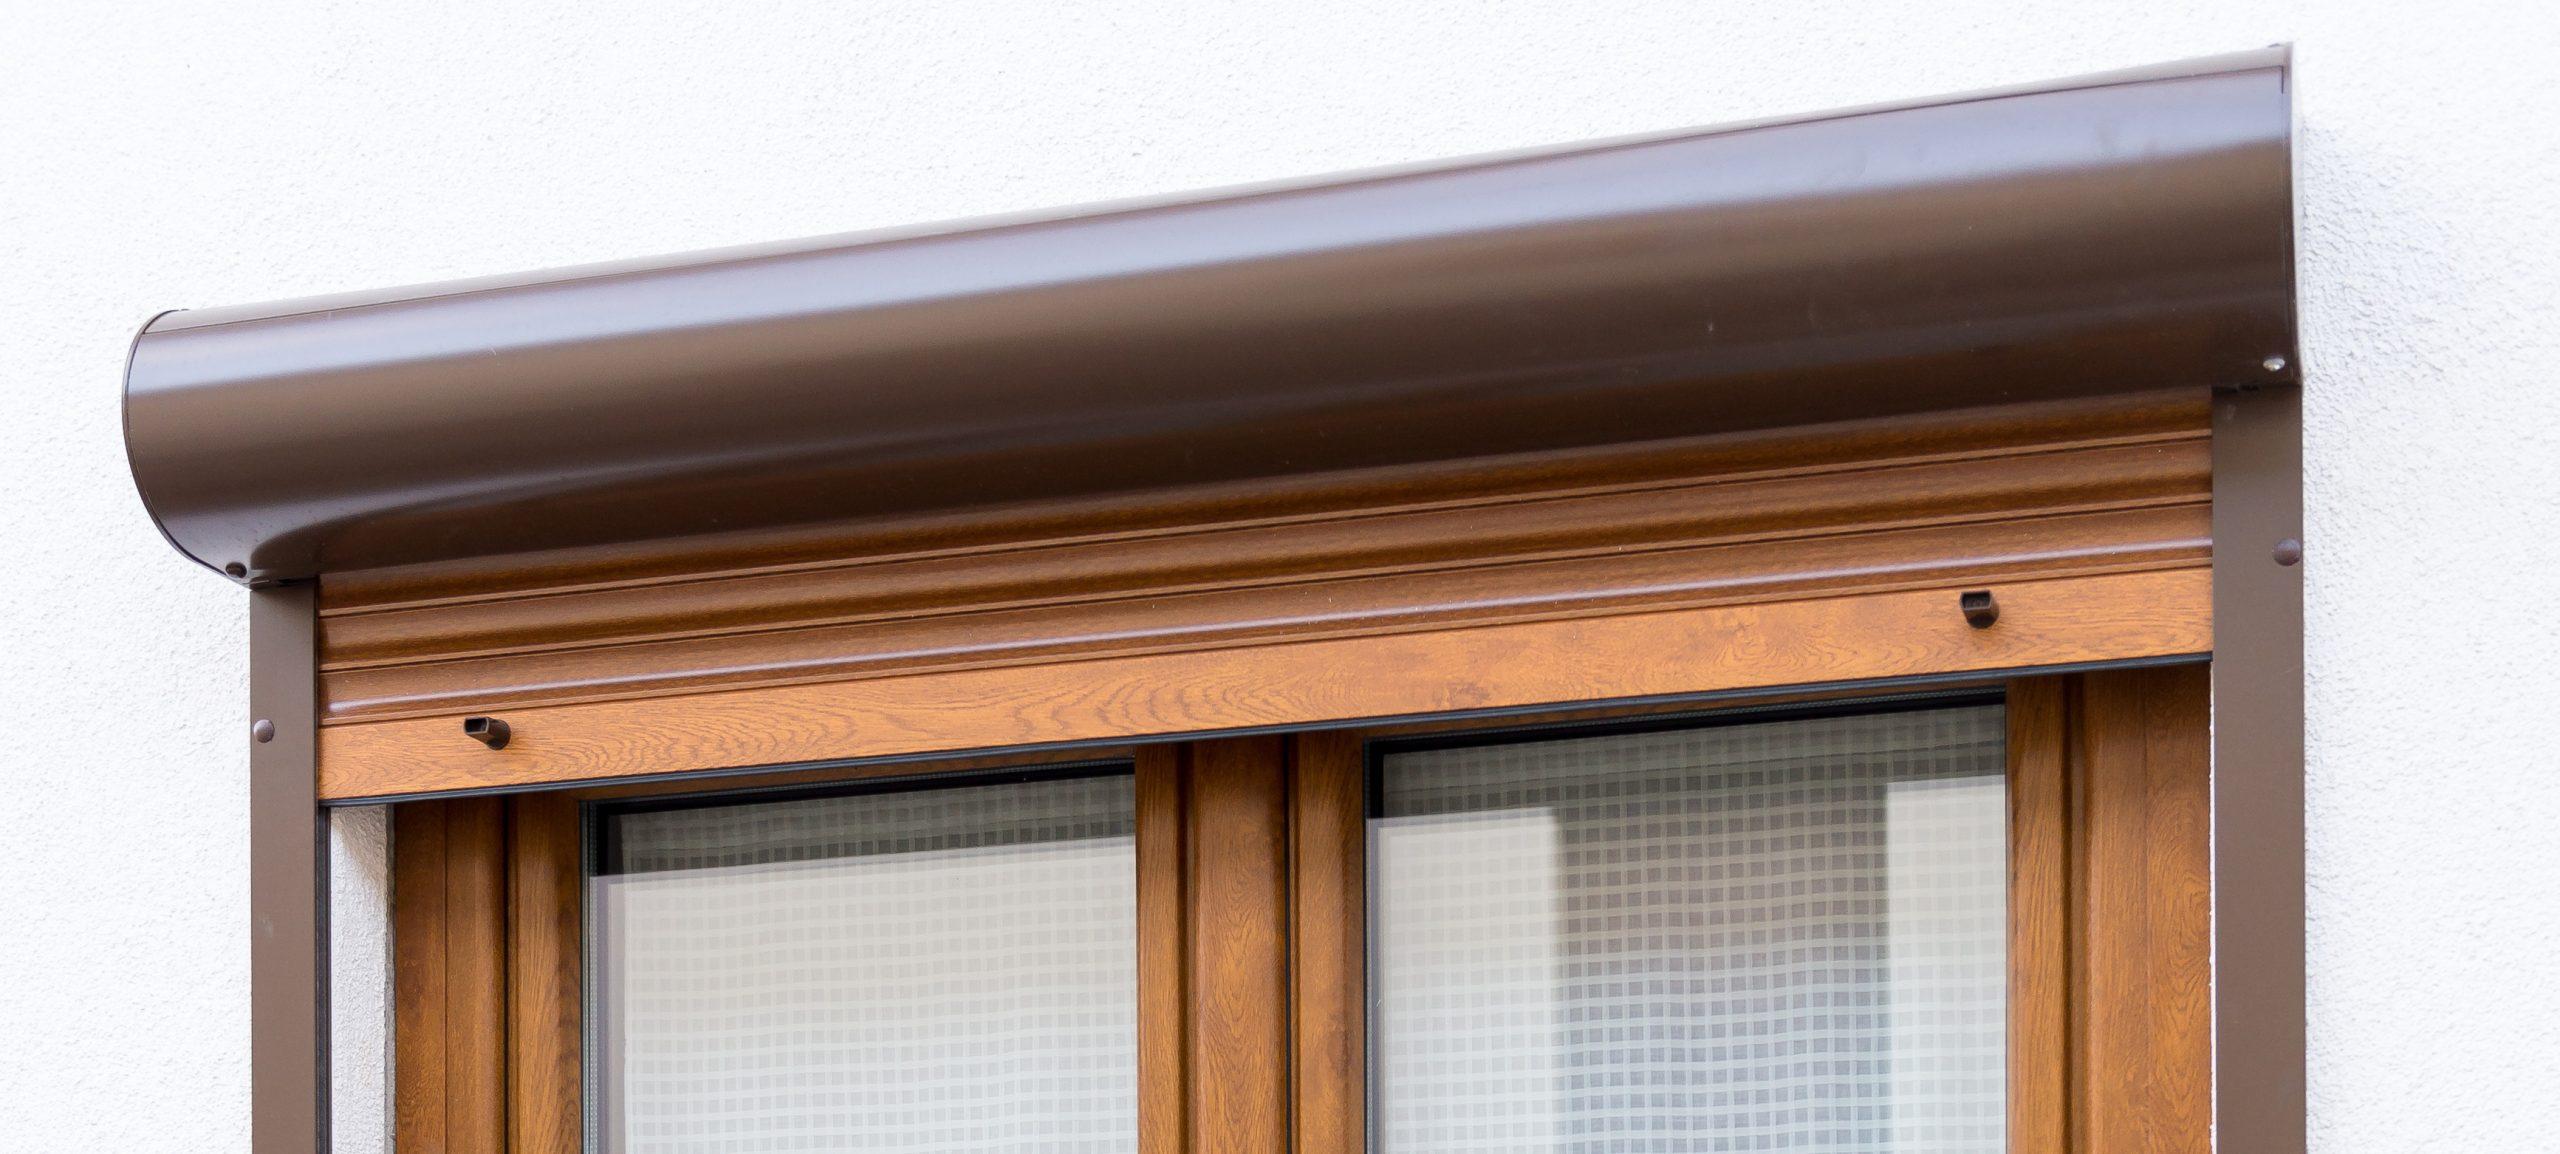 Full Size of Fenster Rolladen Elektrisch Jetzt Gnstig Kaufen Gl Fensterde Kosten Neue Einbruchschutz Roro Nach Maß Internorm Preise Kbe Küche Mit Elektrogeräten Marken Fenster Fenster Mit Integriertem Rollladen